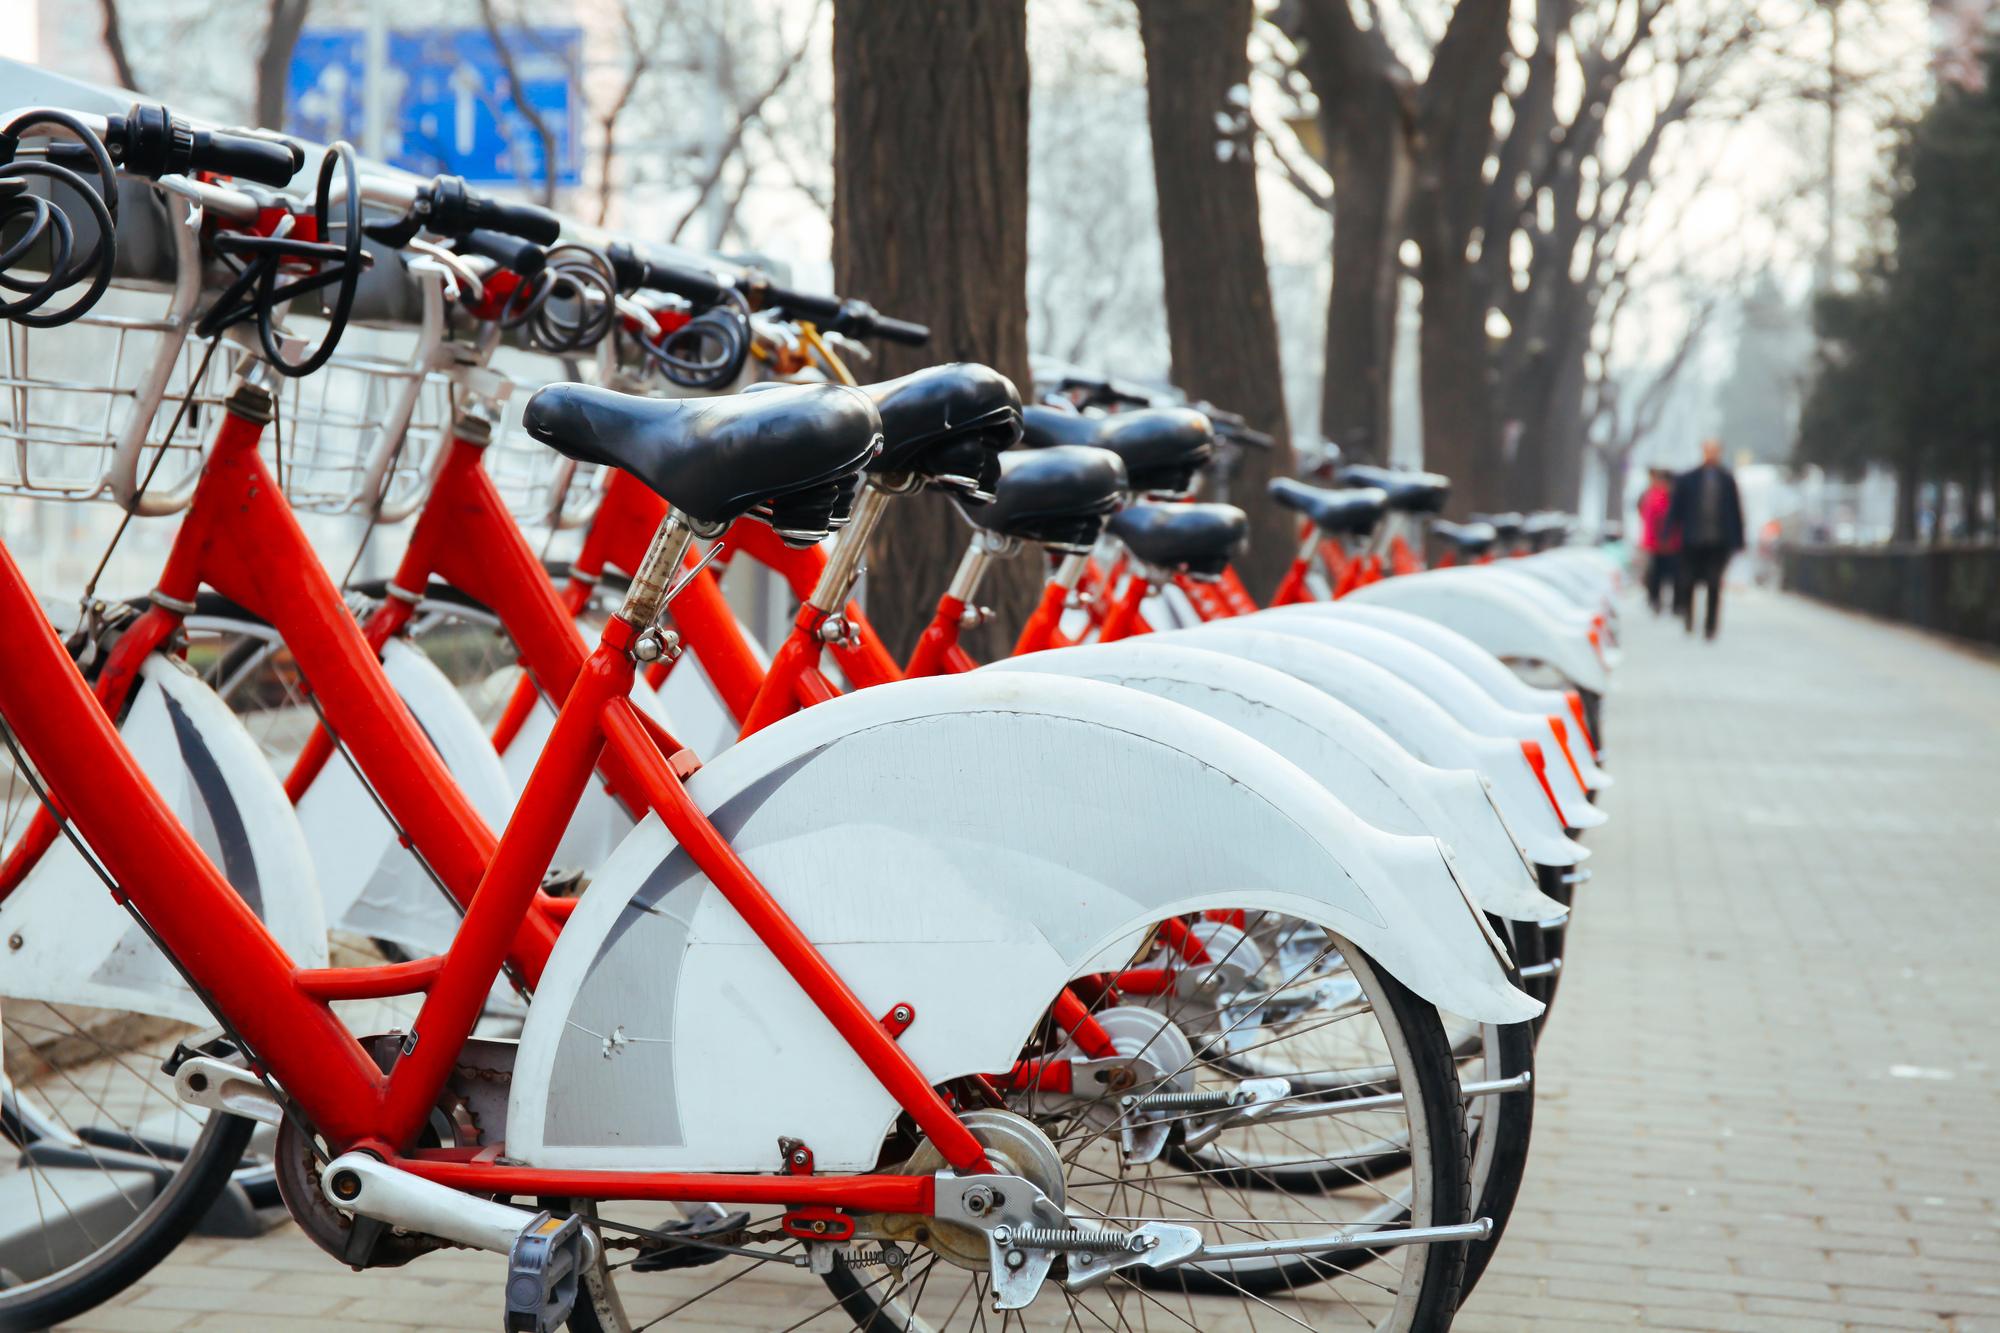 中国発自転車シェアリングサービス「モバイク(mobike)」が日本上陸!中国の都市交通を変えたサイクルシェアの実態とは?